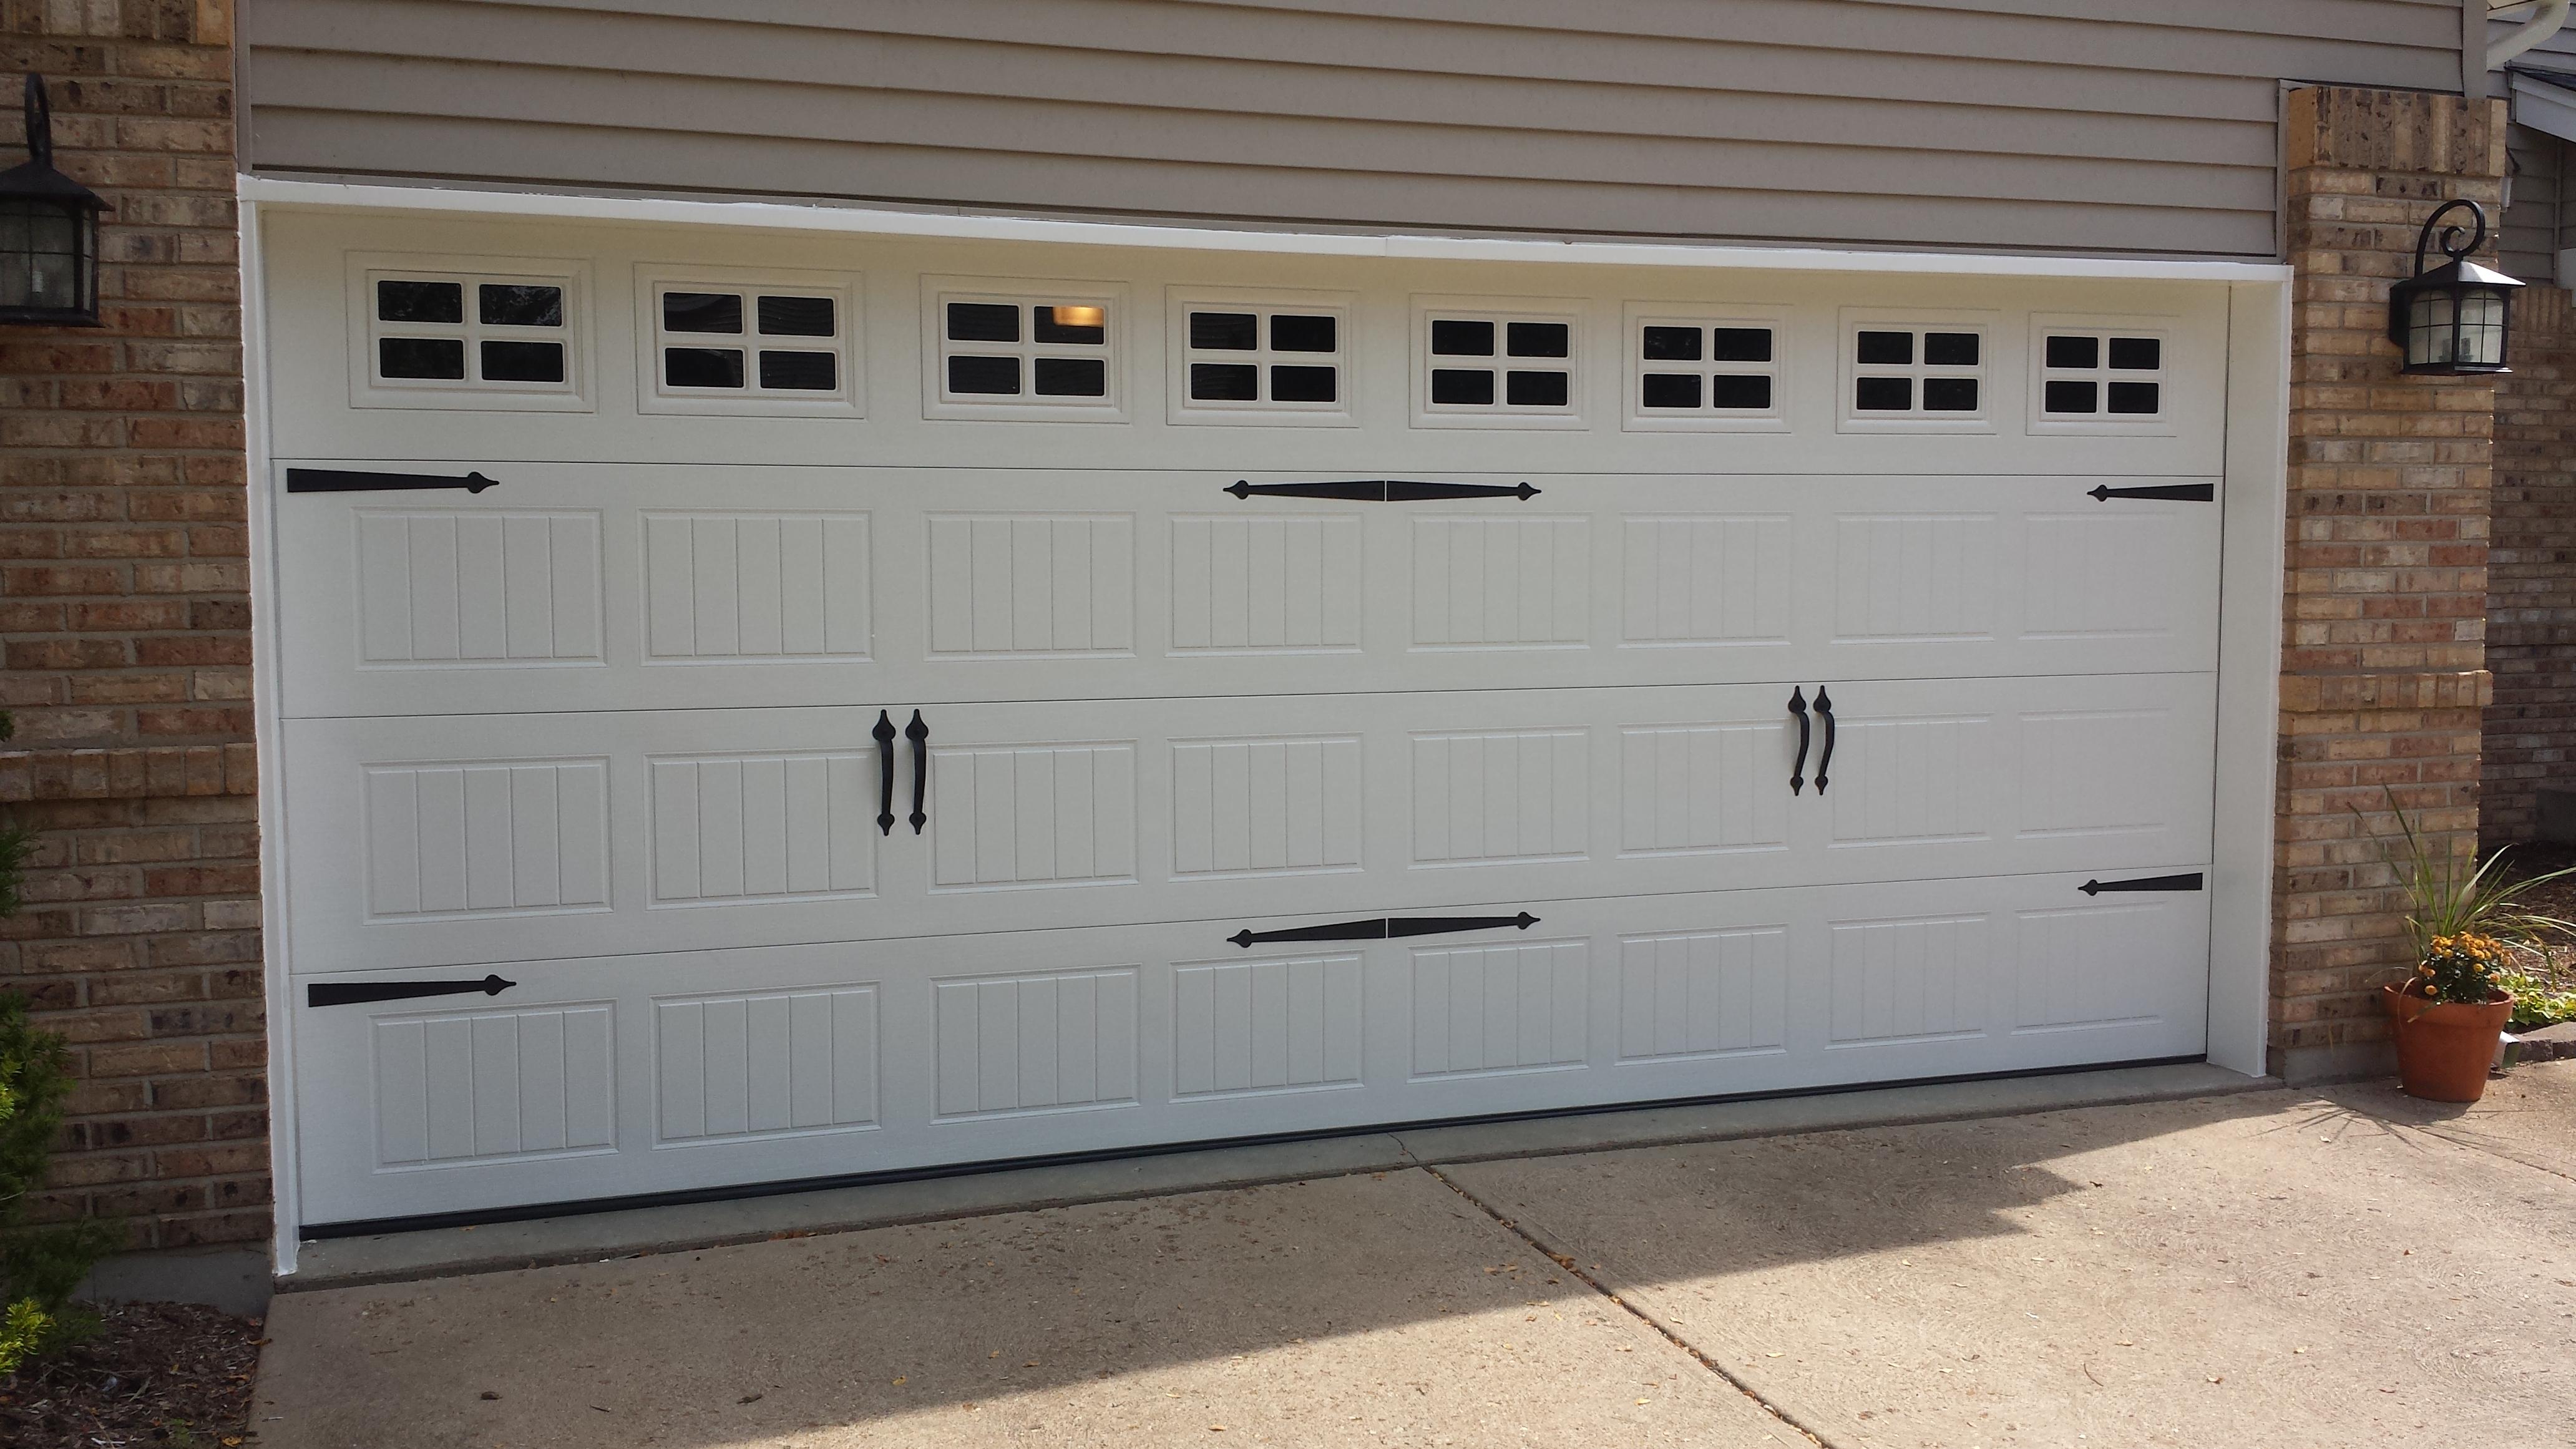 16x7 garage door 16x7 garage door garage and shed for 16 x7 garage door